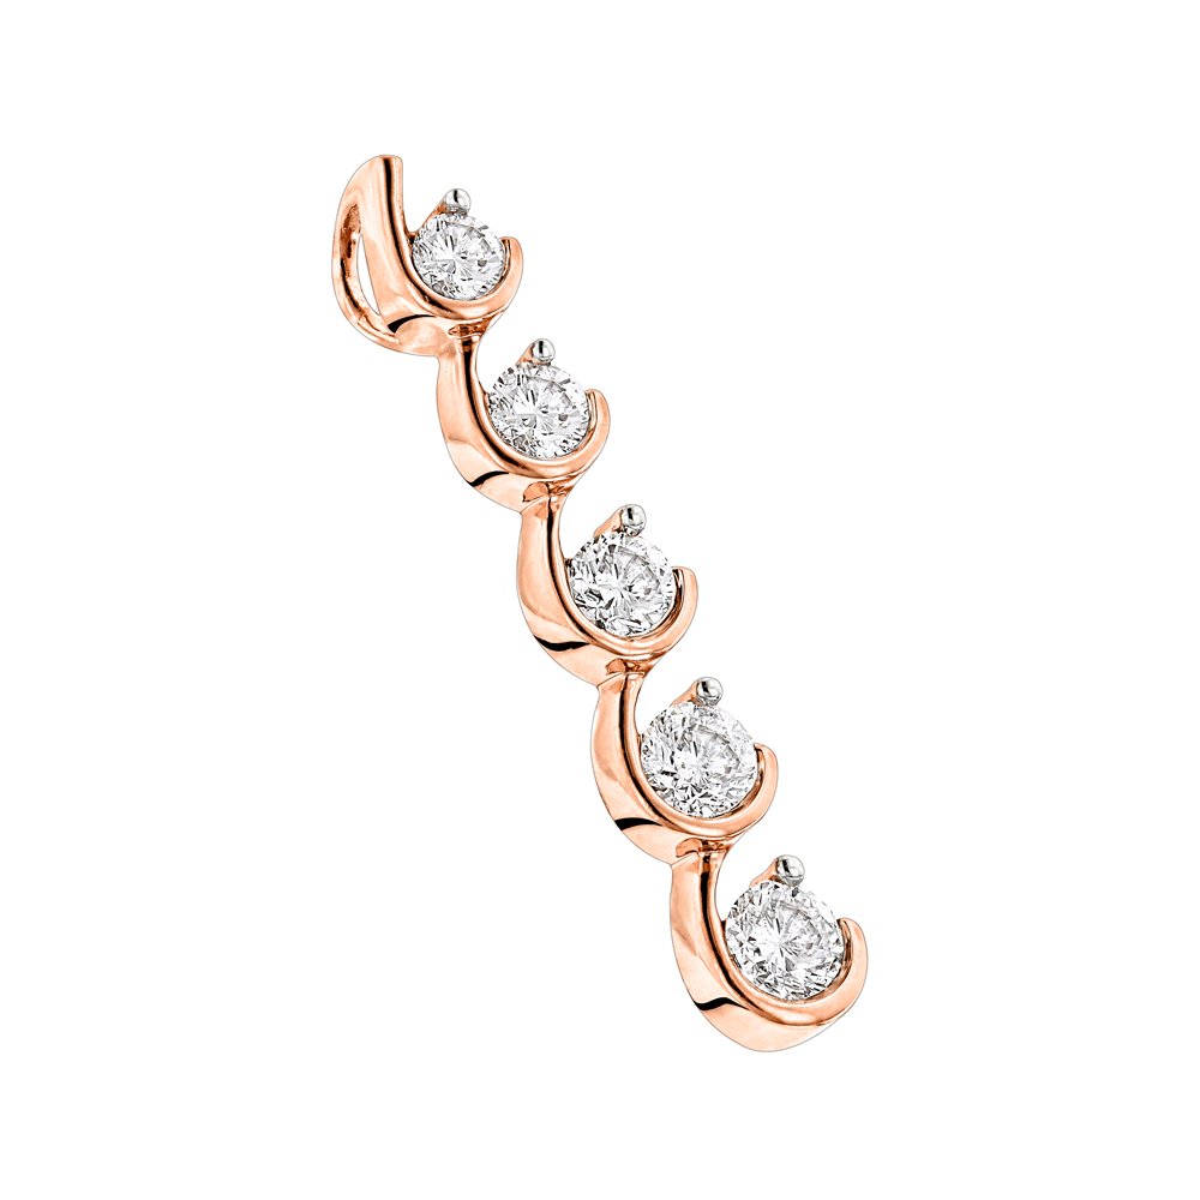 Ladies Diamond Pendants: 14k Gold Journey Jewelry Collection Item 0.5ct